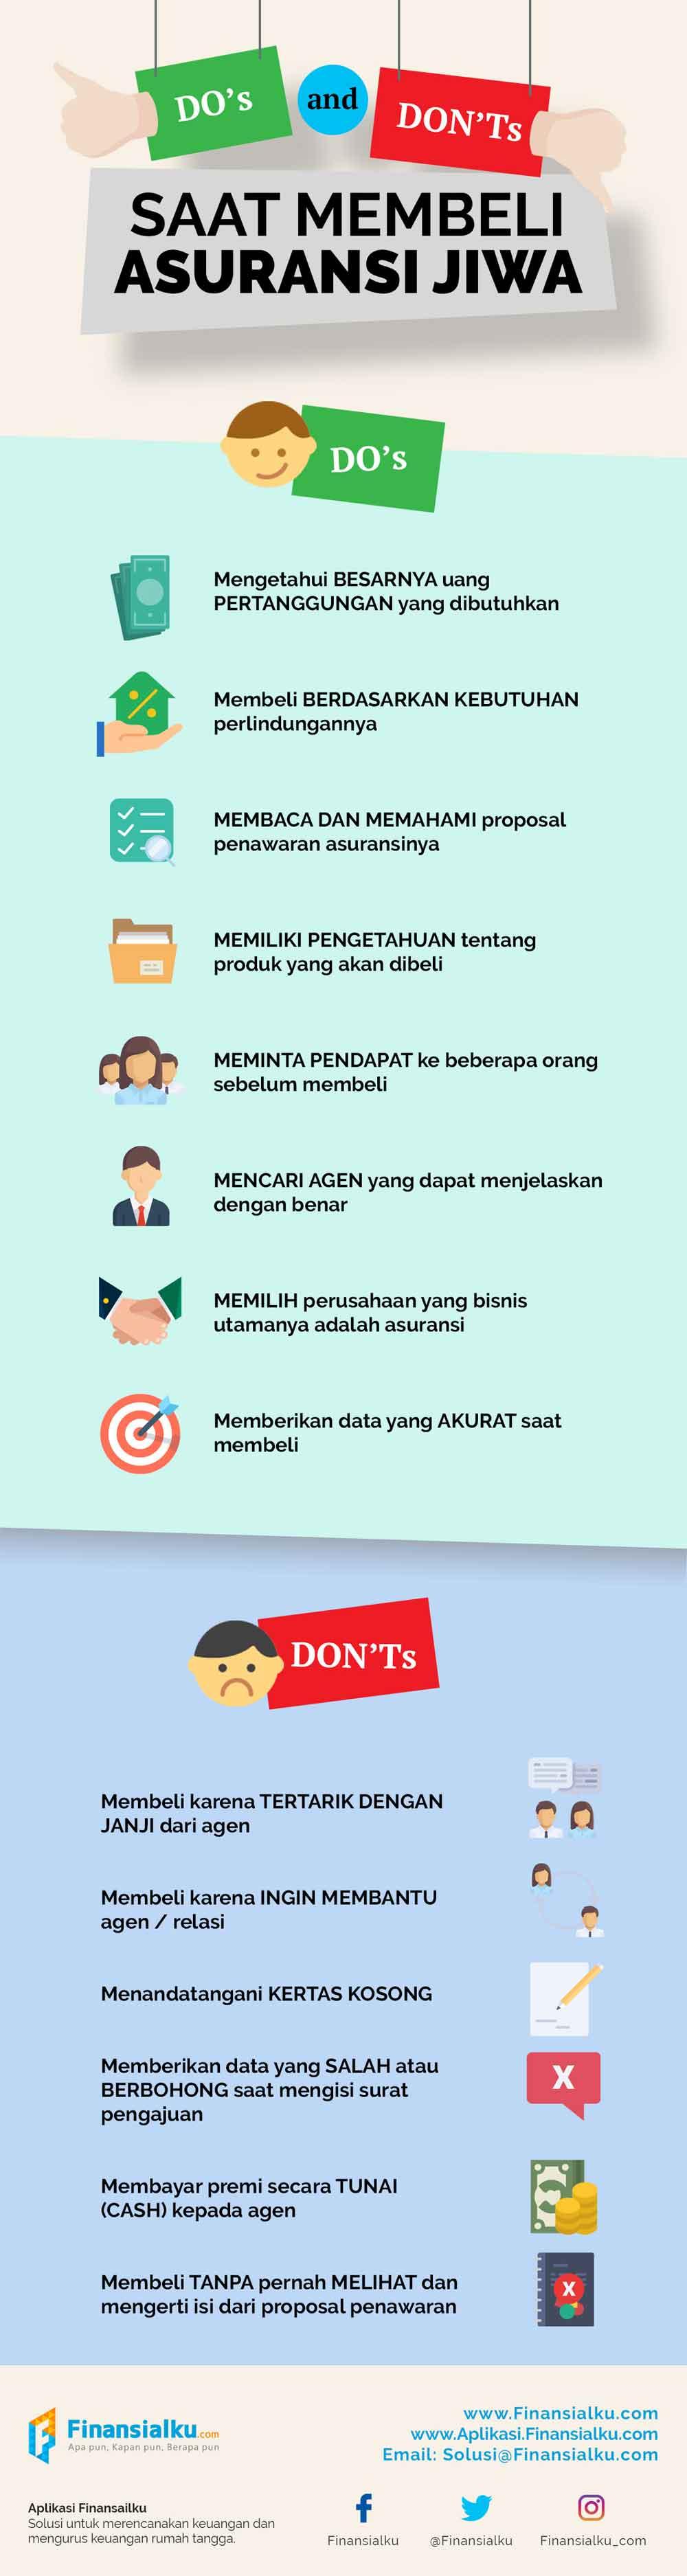 Infografik Do's and Don'ts Saat Membeli Asuransi Jiwa 02 - Finansialku